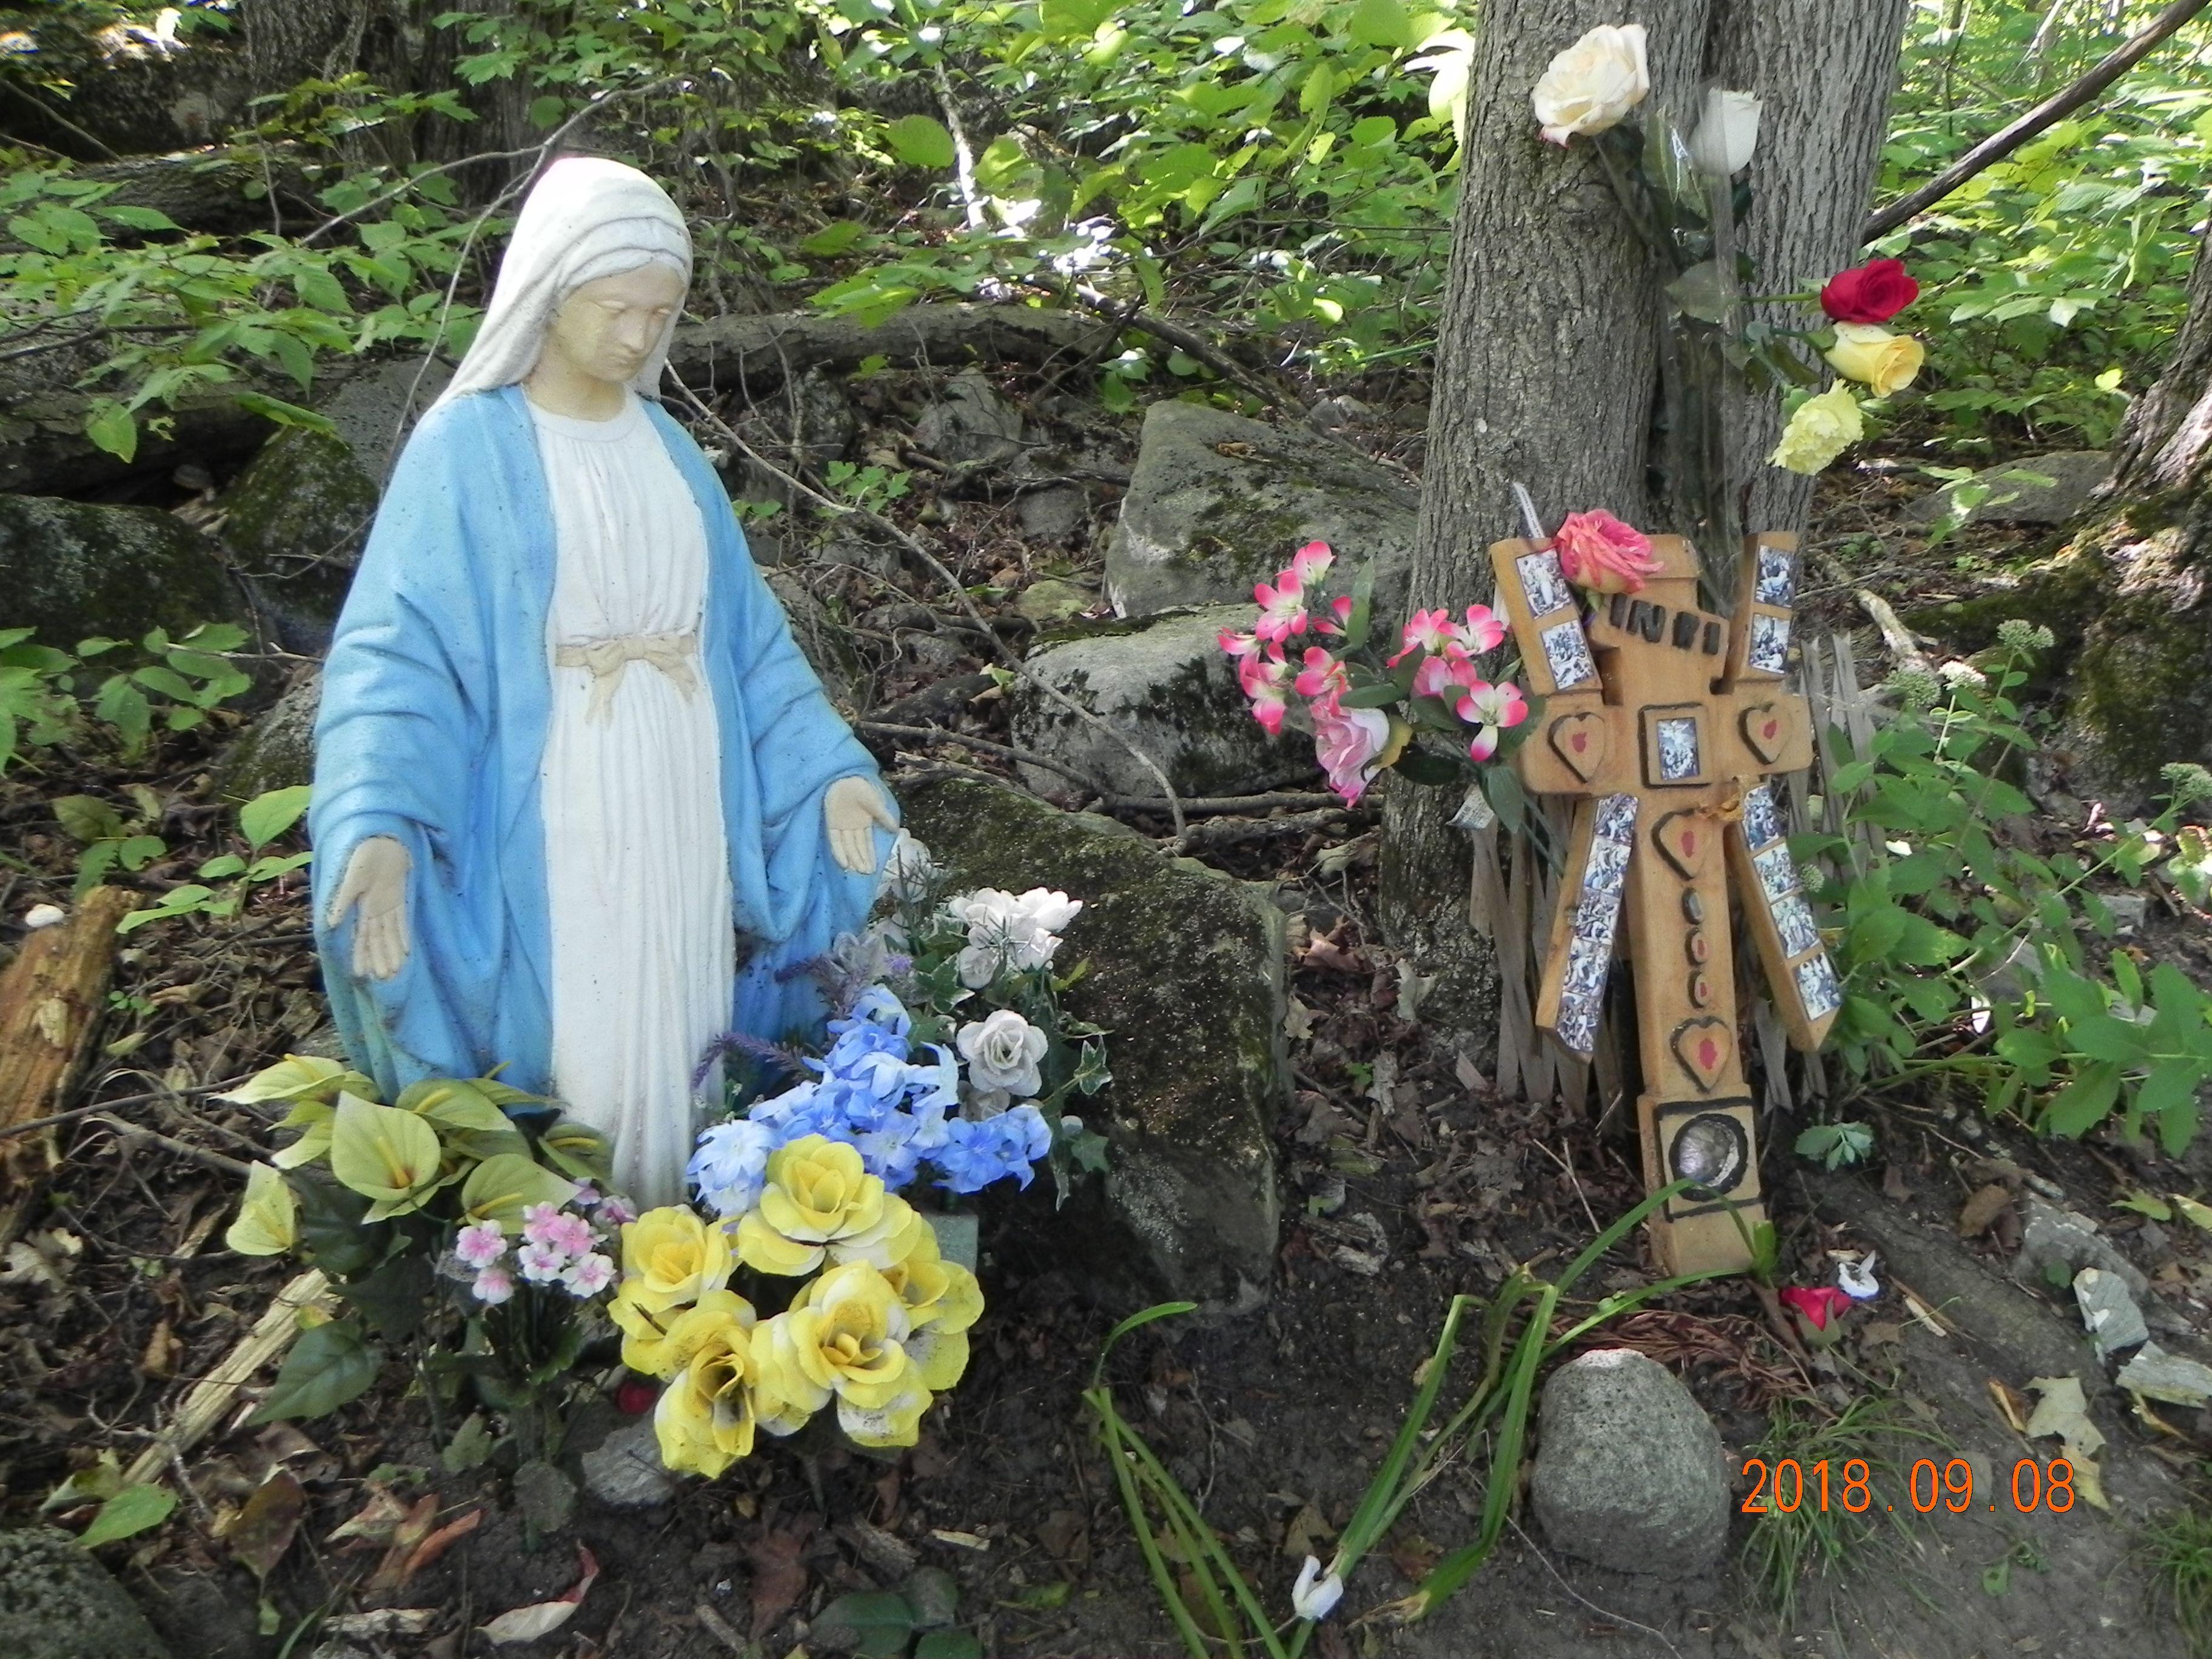 Happy Birthday Mama Mary! Happy birthday mama mary, Mama